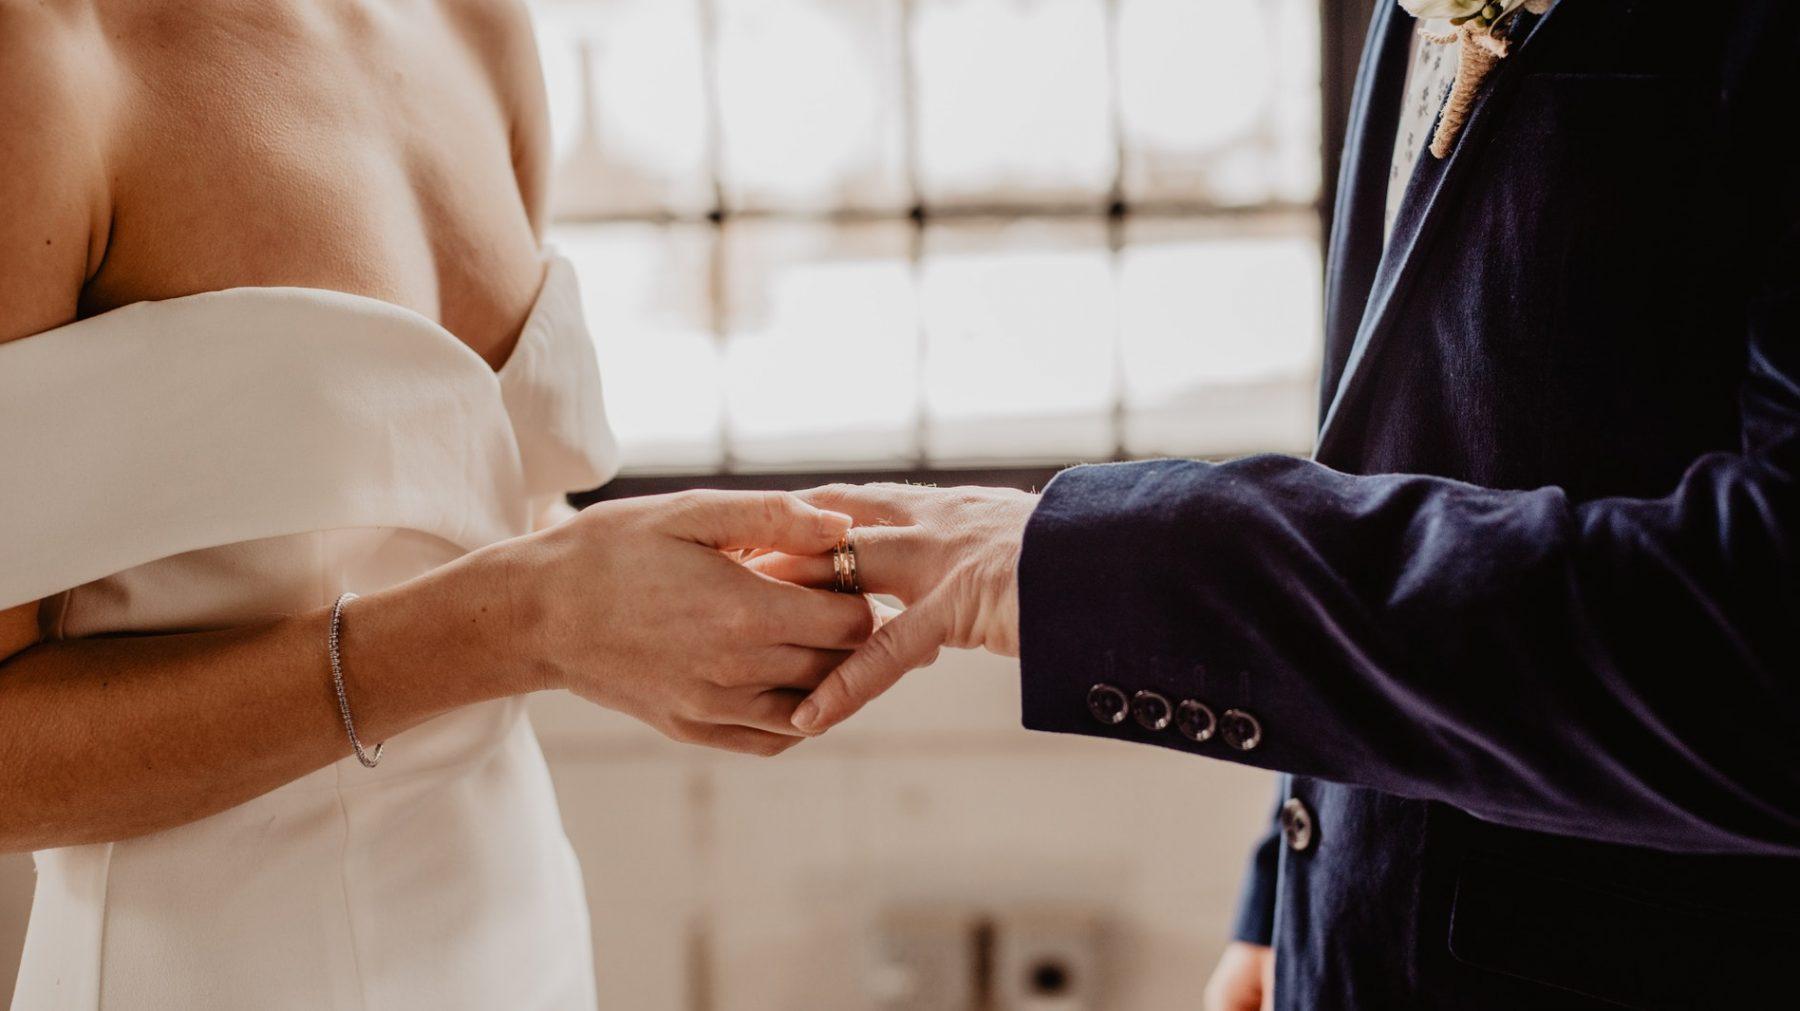 Ellen Sam prikte haar eigen trouwdatum: 'Heb je iets op 29 juni? Dan gaan we trouwen'